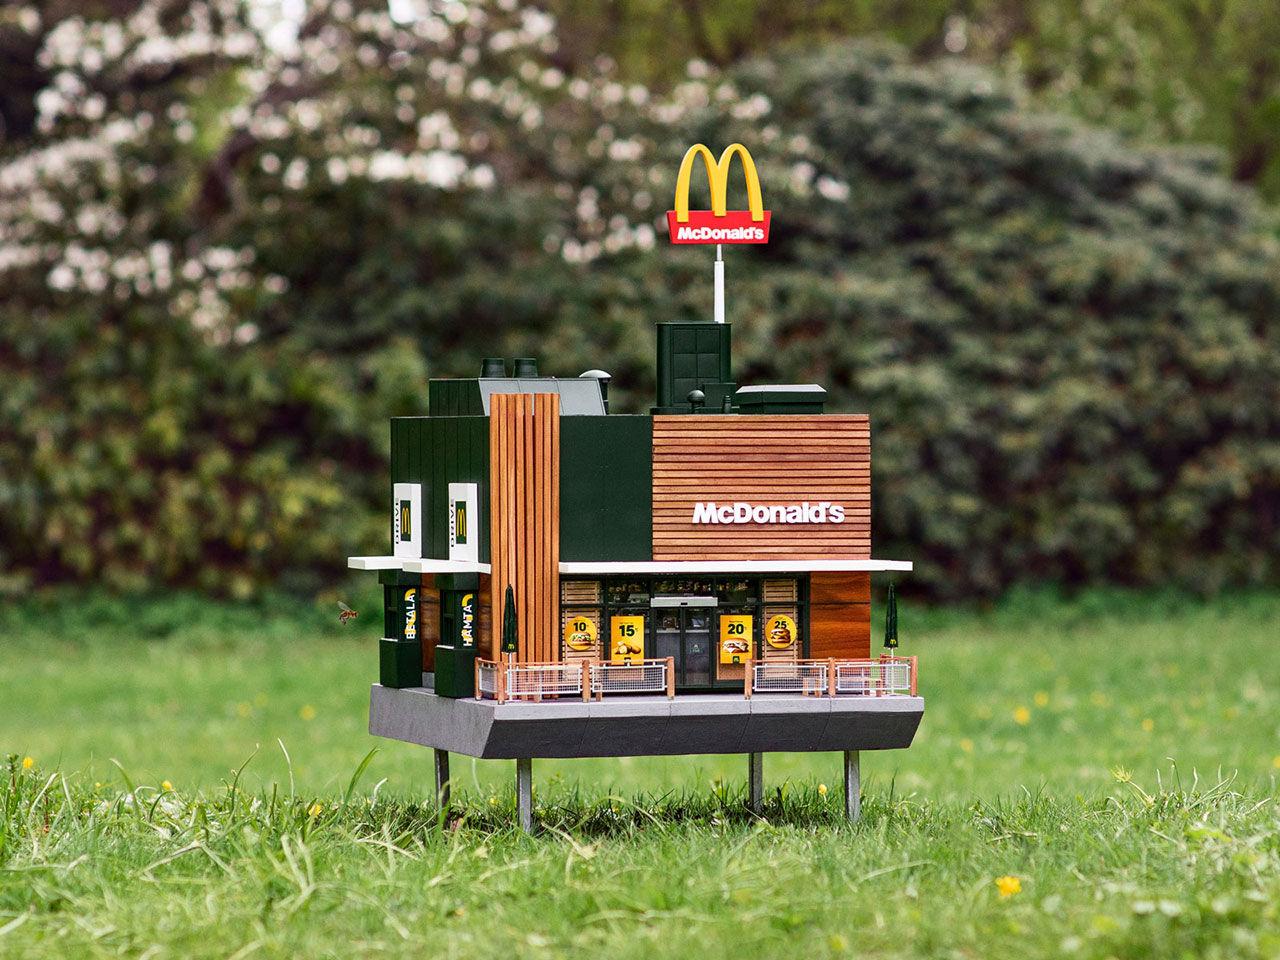 Världens minsta McDonald's har öppnat